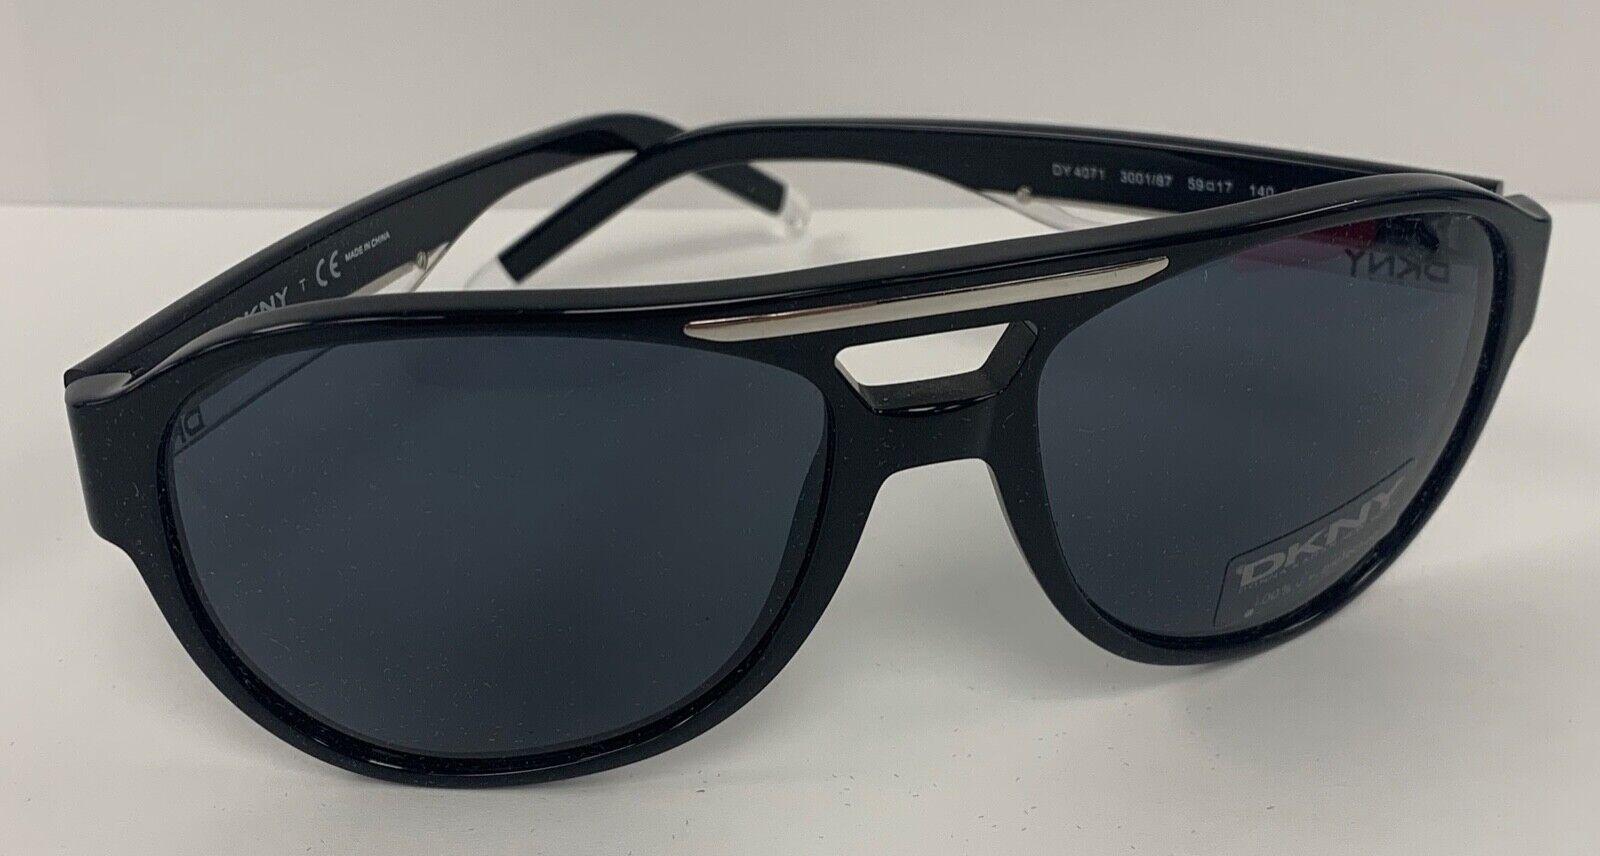 (I-22268) DKNY Sunglasses